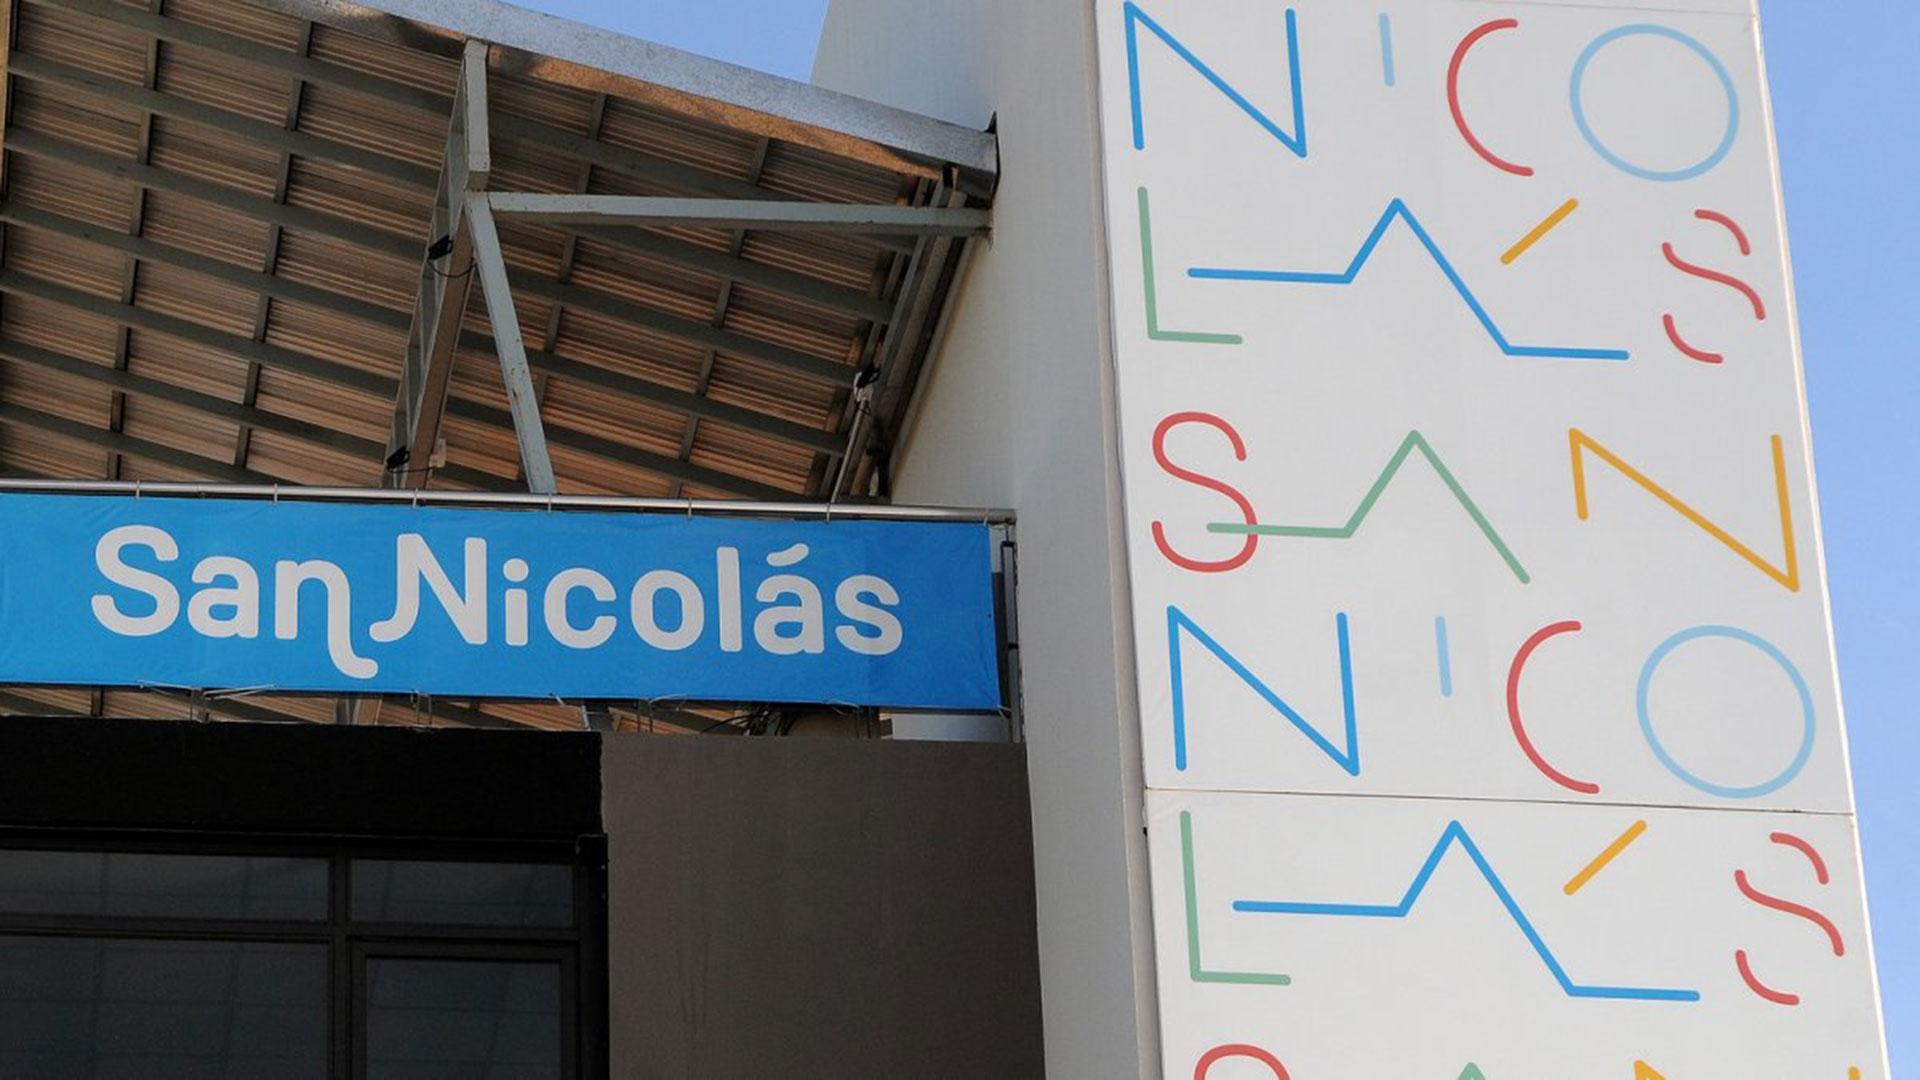 #TNenSanNicolás, Acreditaciones de prensa